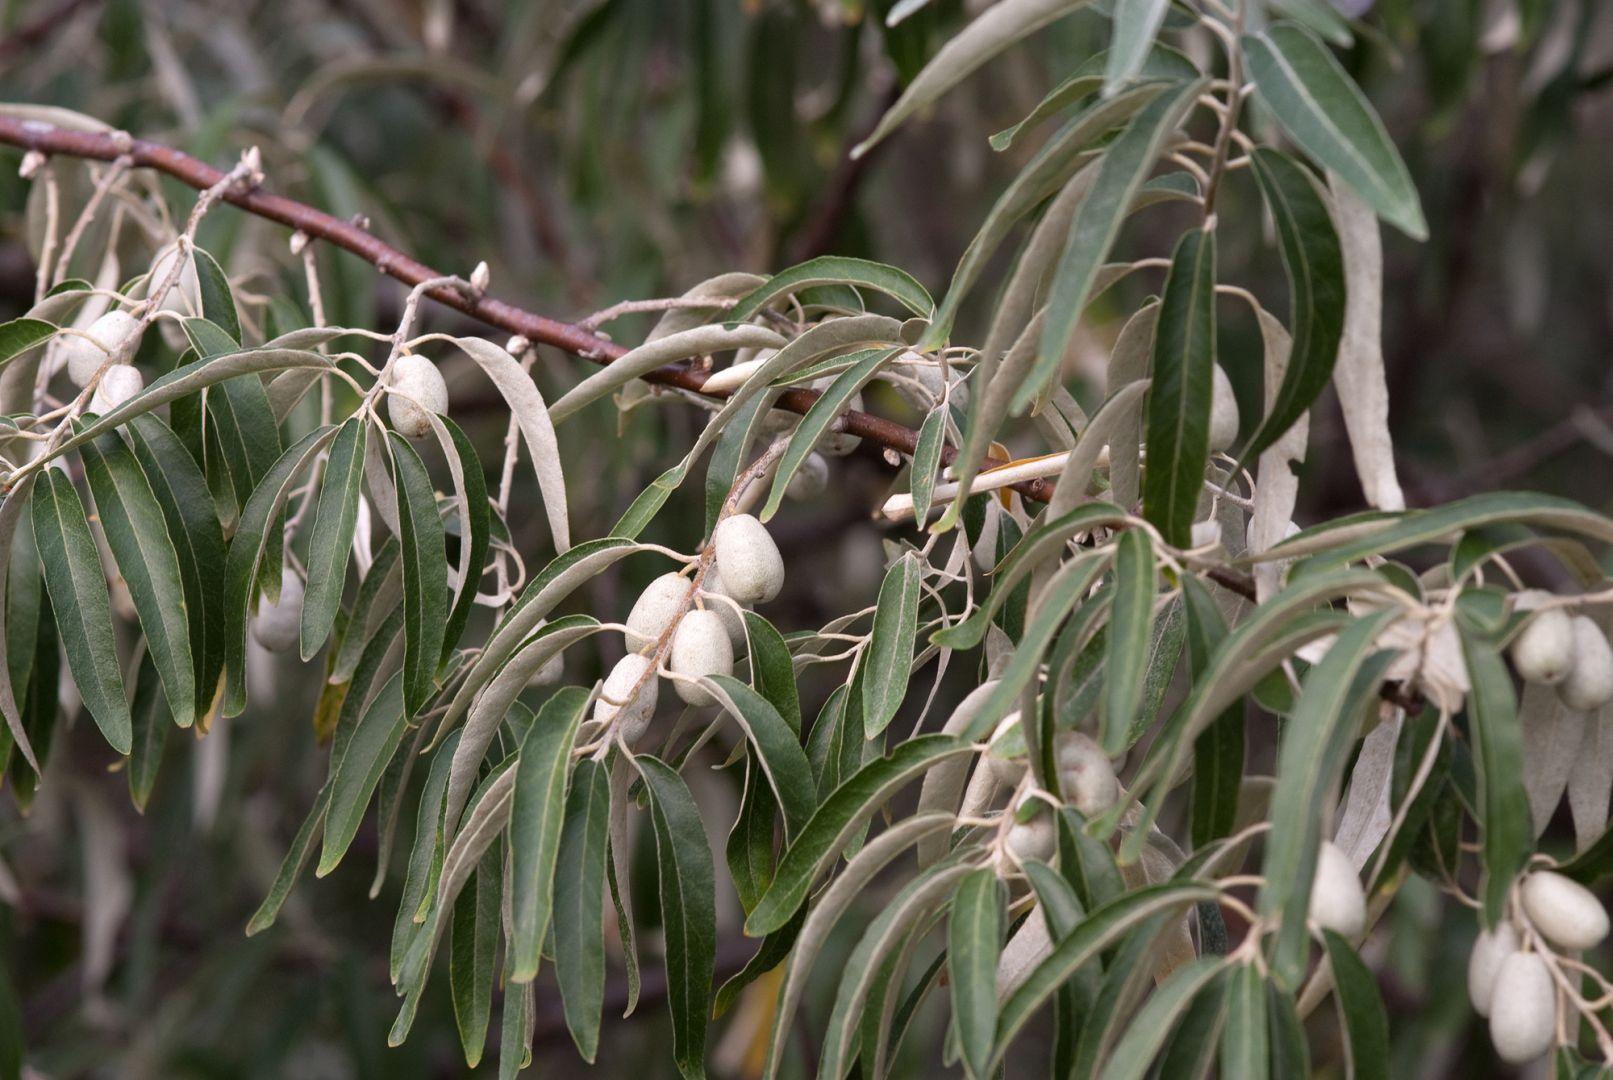 ВСтаврополе кконцу осени высадят 12 тыс. молодых деревьев